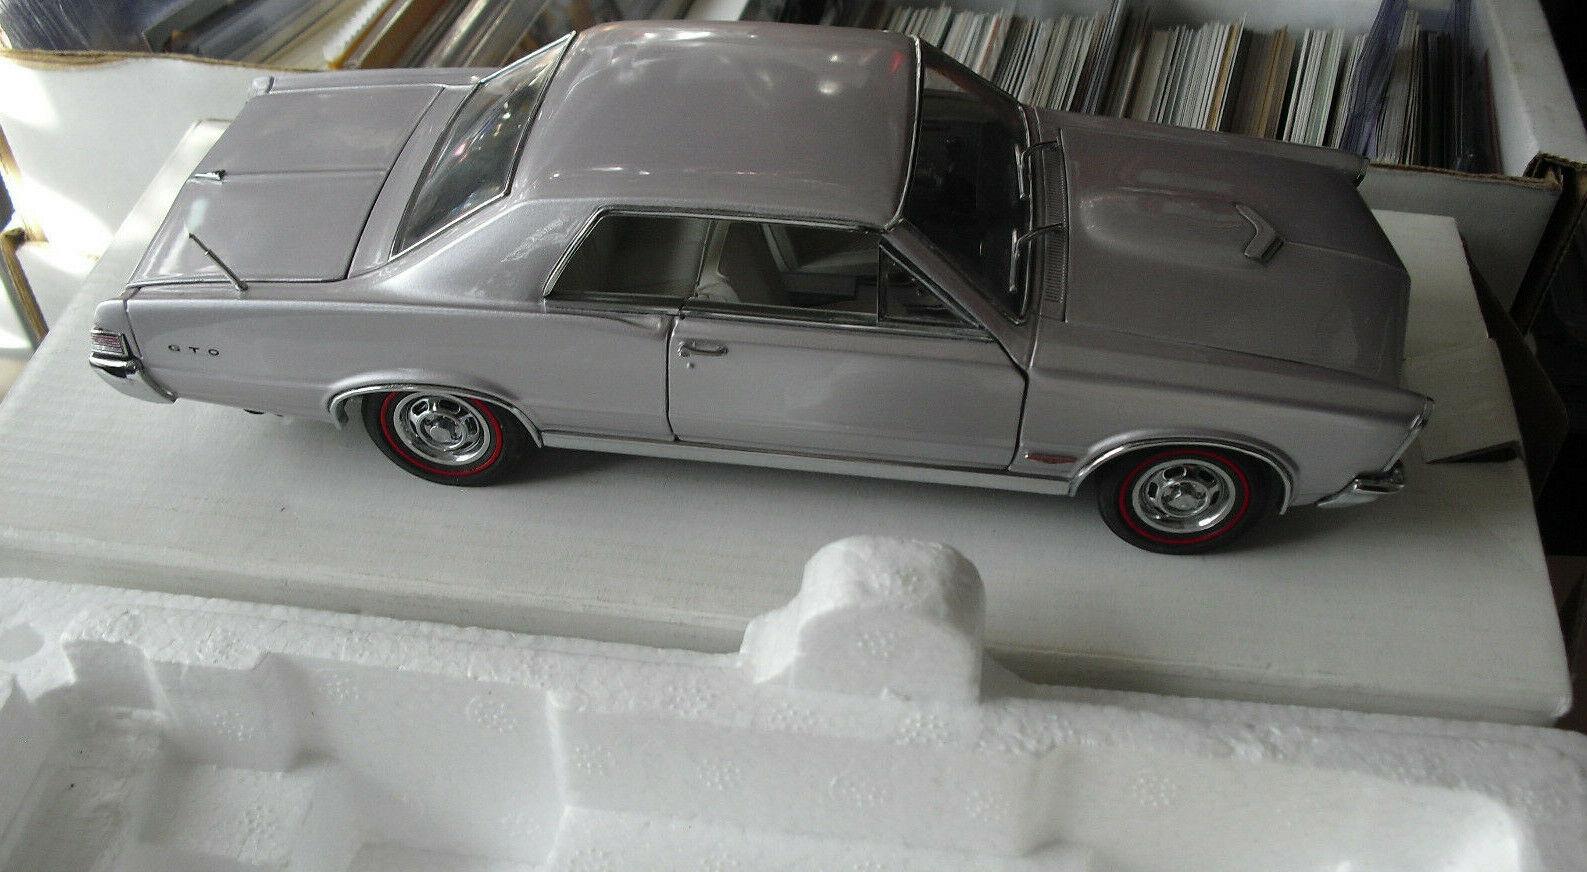 Tanbury 1  24 1965 Pontiac GTO auto caja de menta morada